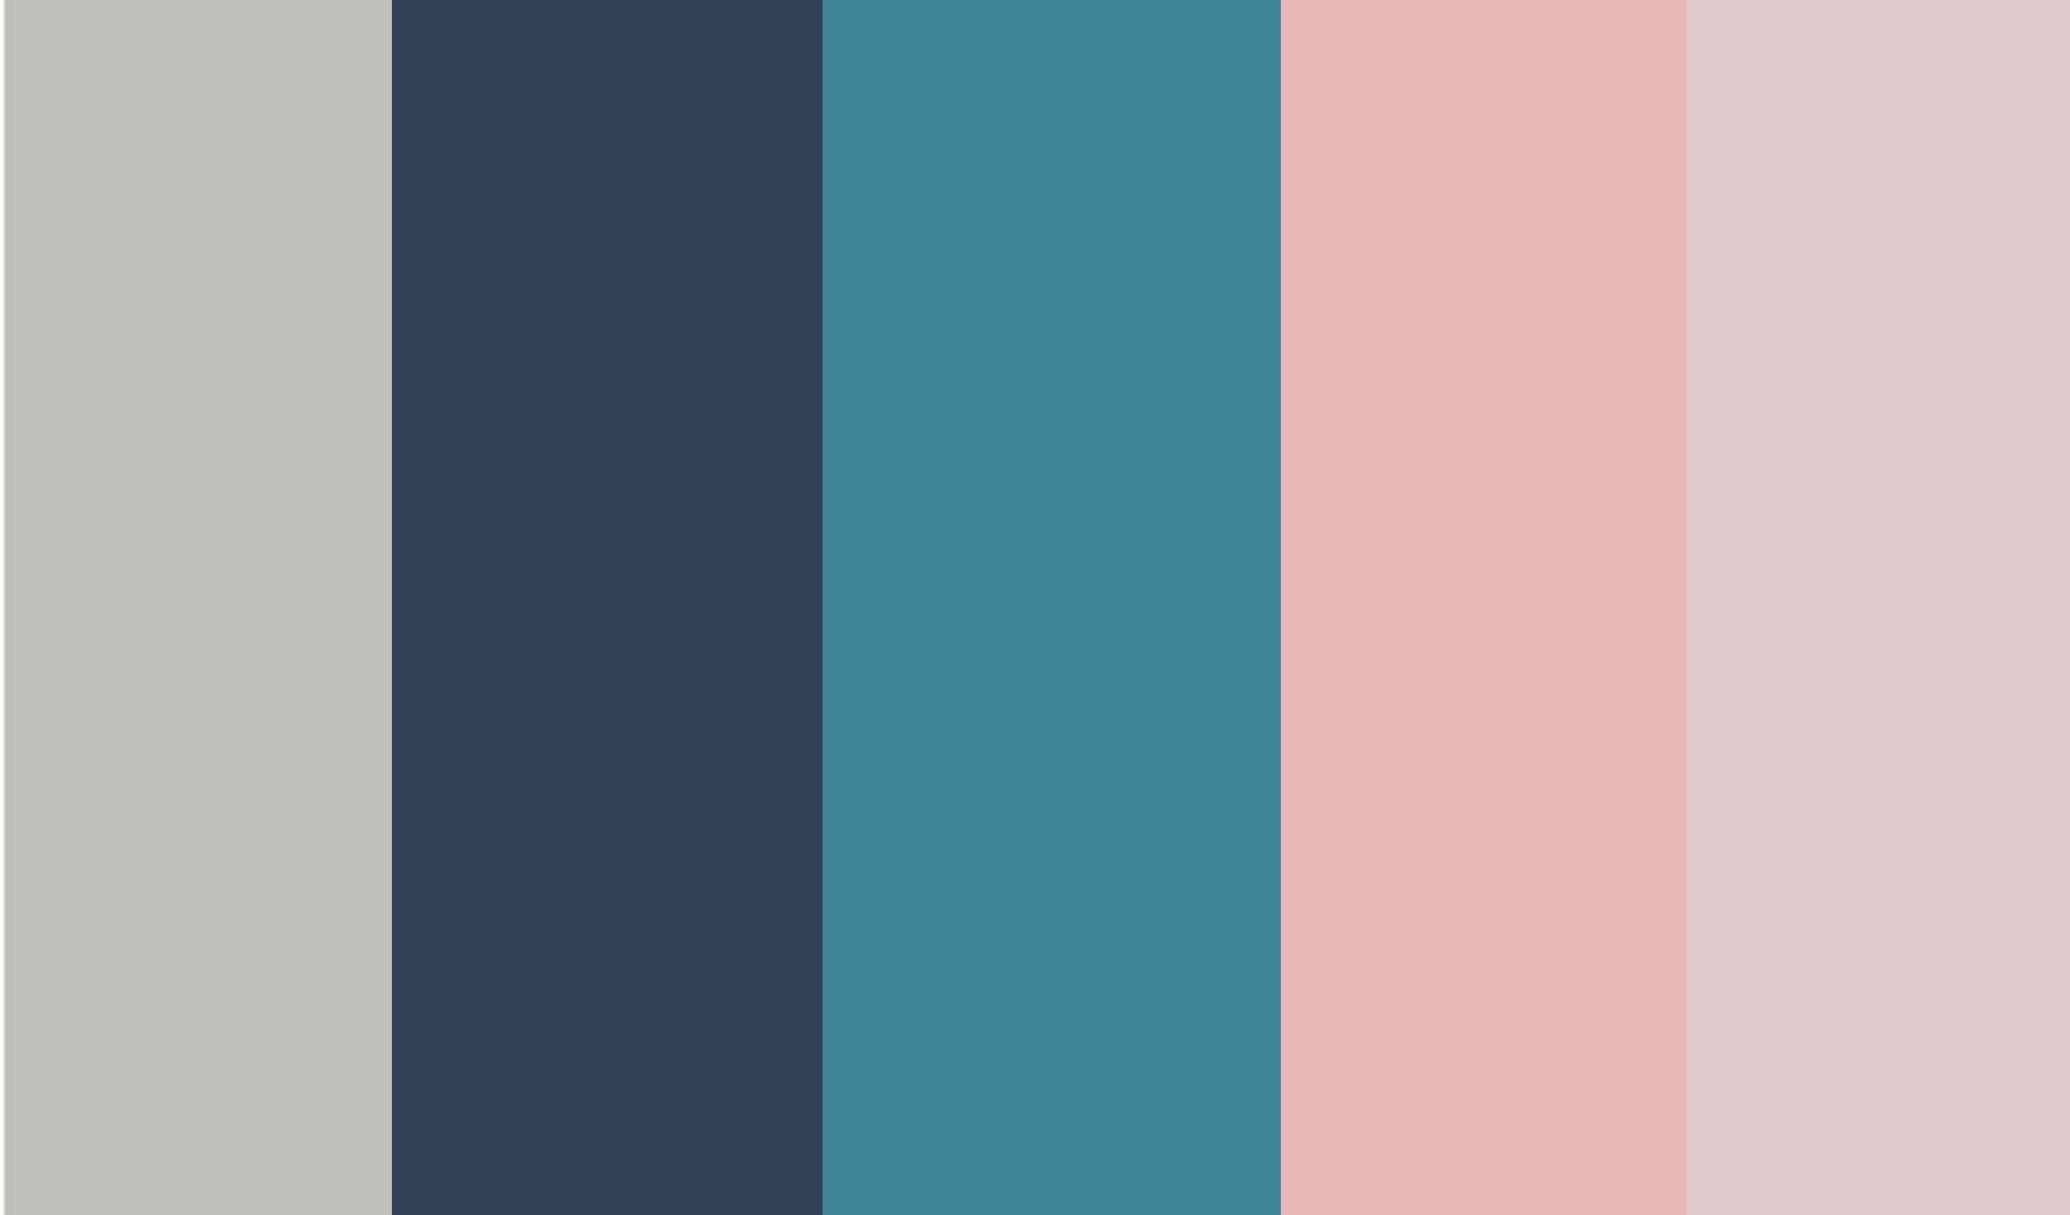 Color Scheme images